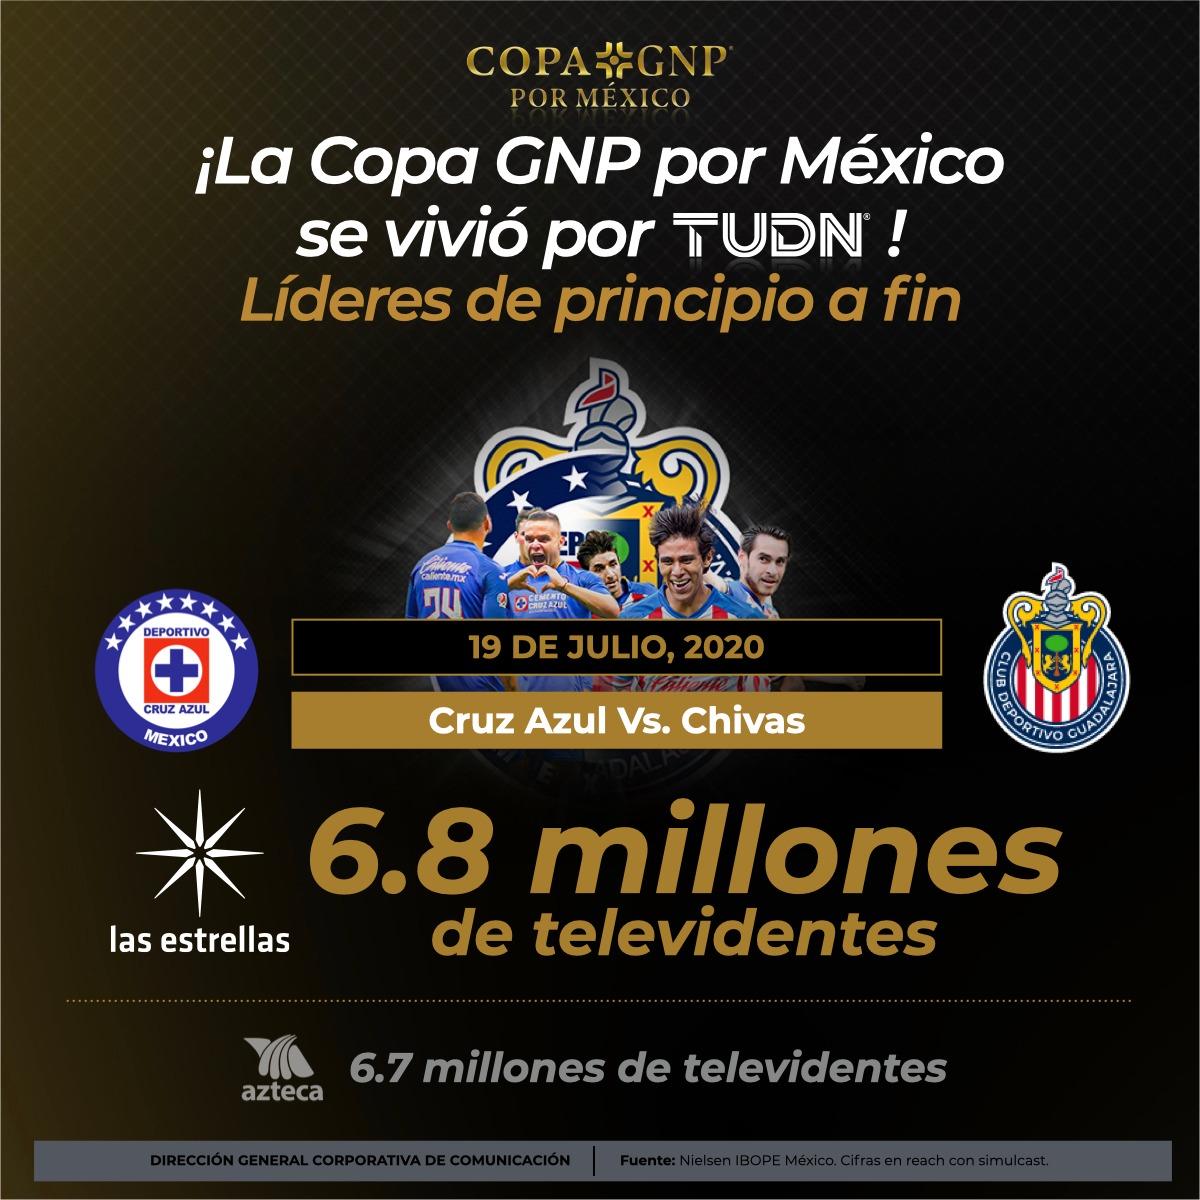 ¡La #CopaGNPPorMéxico se vivió por @TUDNMEX!🏆🇲🇽  Líderes de audiencias de principio a fin, la final entre @CruzAzulCD y @Chivas vista por 6.8 millones de televidentes en @Canal_Estrellas📺⭐  ¡Muchas gracias, en #TUDN vivimos TU pasión!⚽  #ContinuamosContigo | #TUDNTeAcompaña https://t.co/XDagFzPH3s